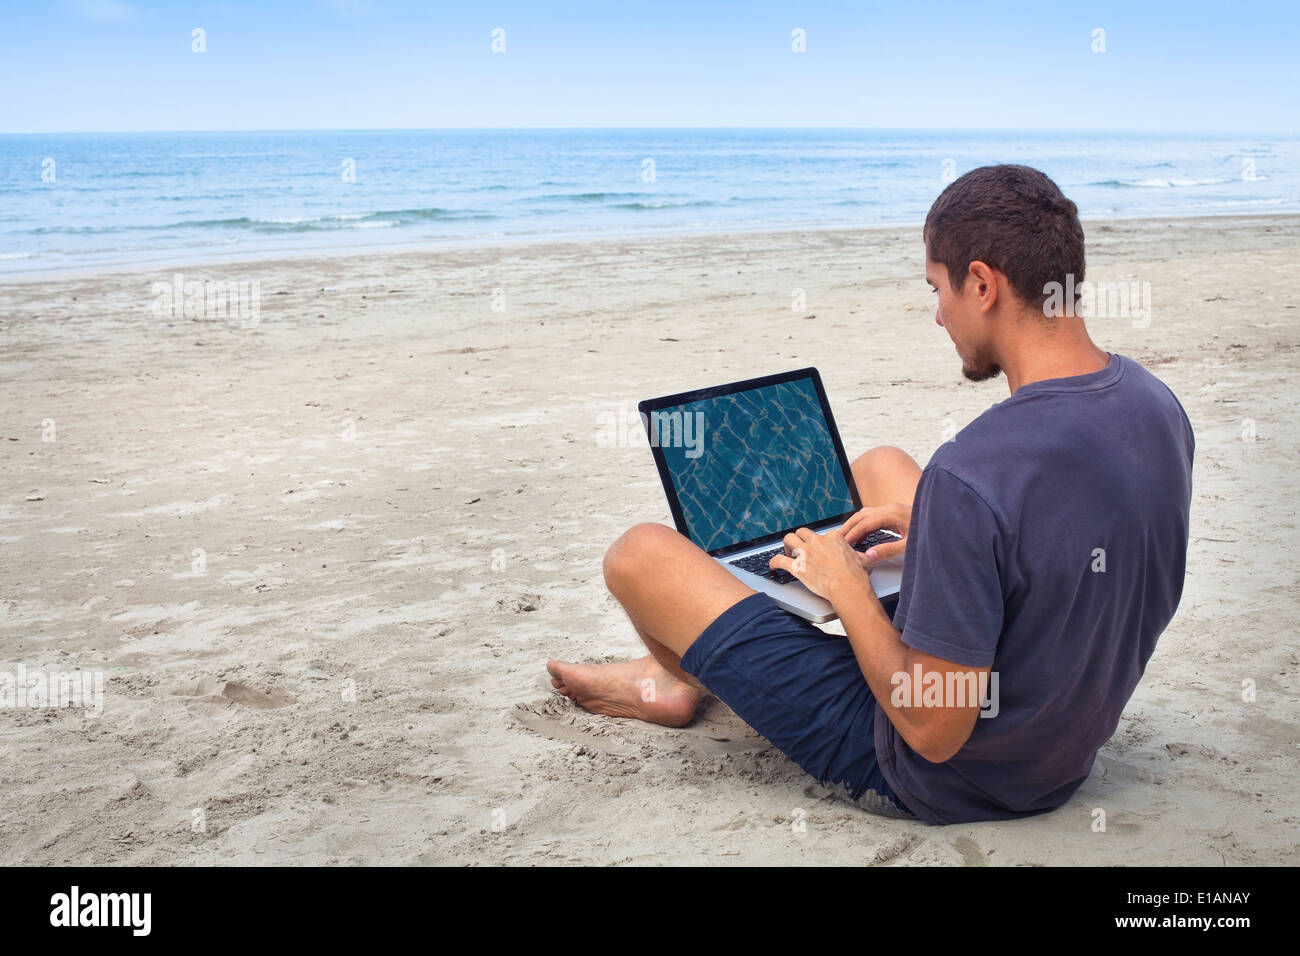 Uomo che utilizza computer con la connessione internet wireless sulla spiaggia Immagini Stock